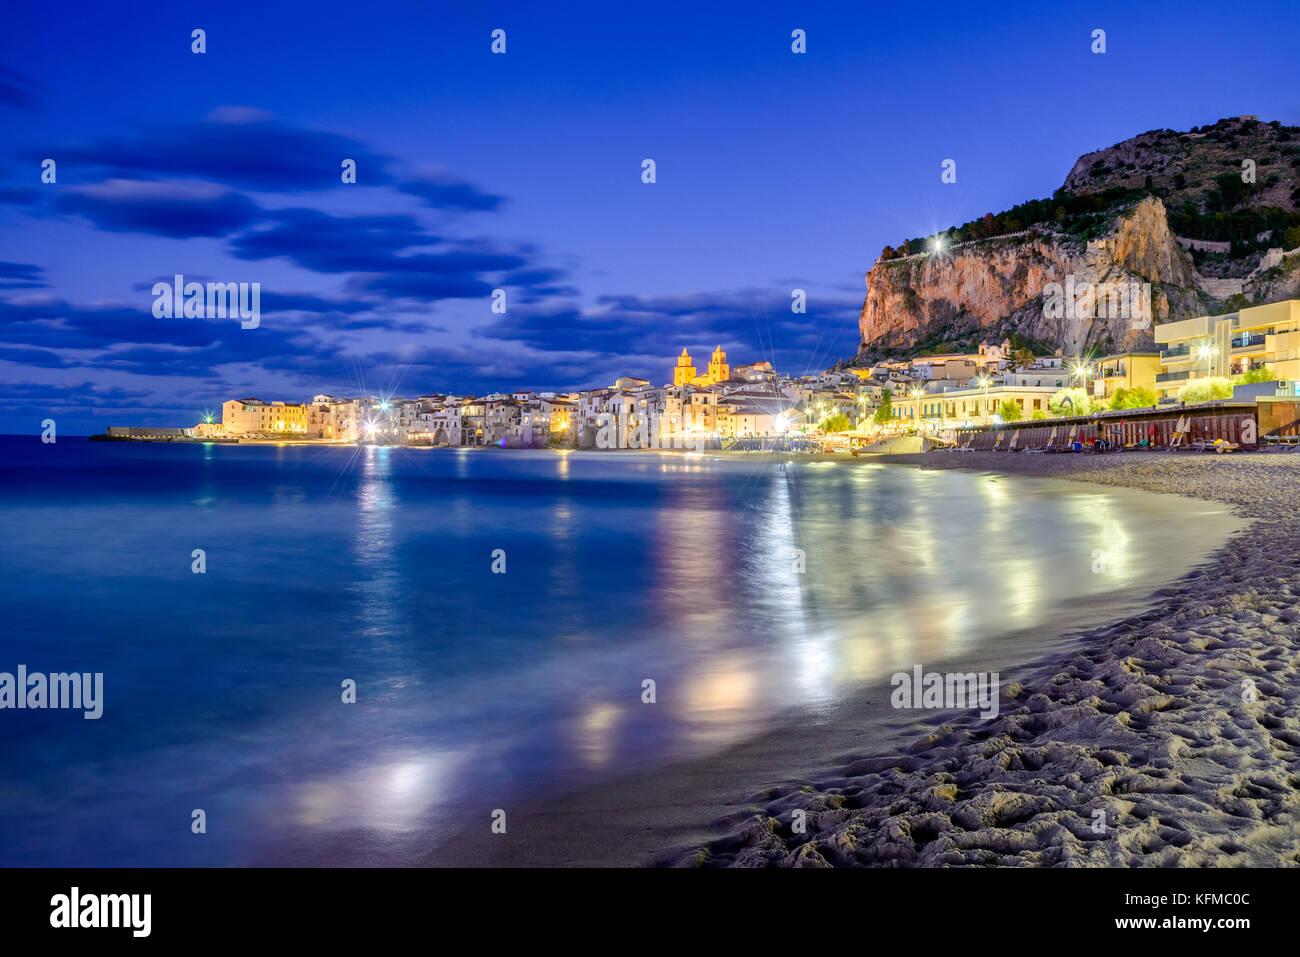 Cefalú, Sicilia. Mar de Liguria y medieval de la ciudad siciliana de Cefalu. Provincia de Palermo, Italia. Foto de stock